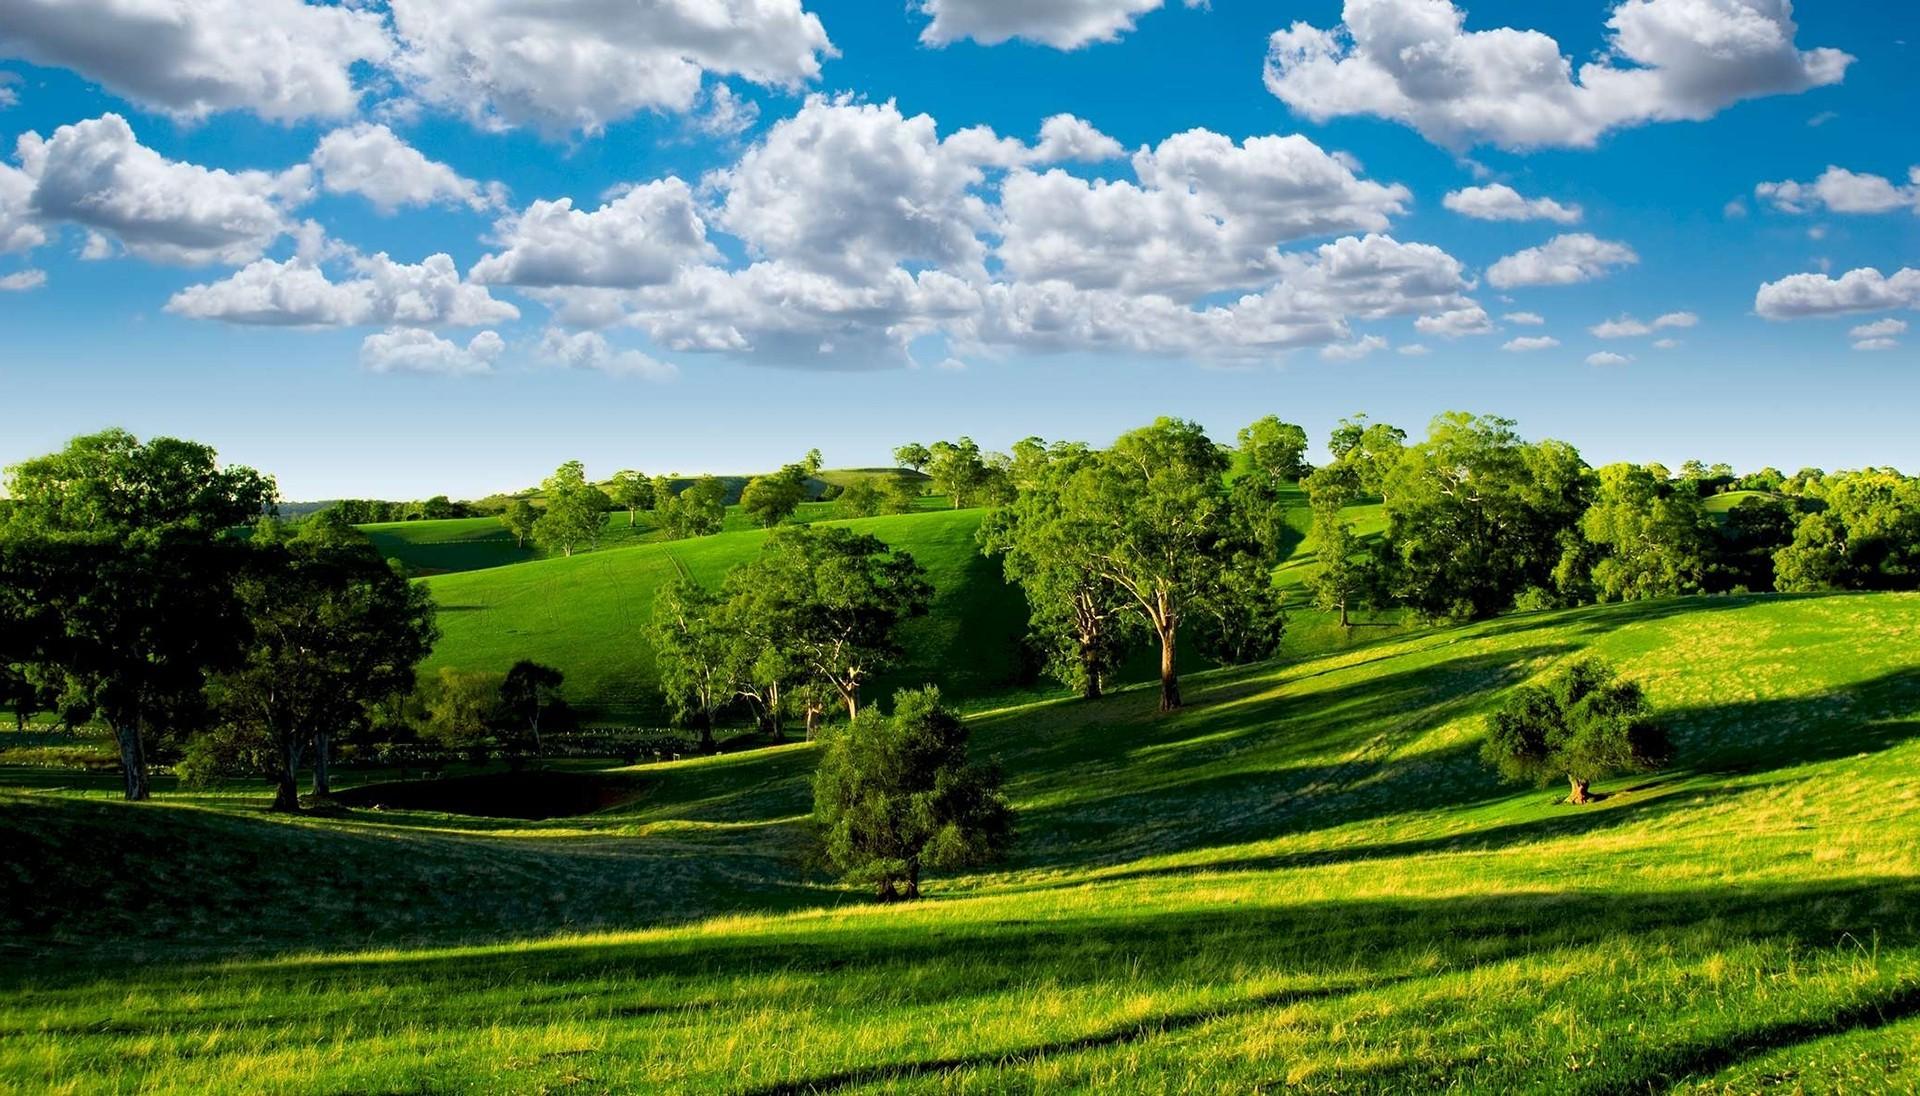 обои для рабочего стола зеленый пейзаж № 467748 бесплатно